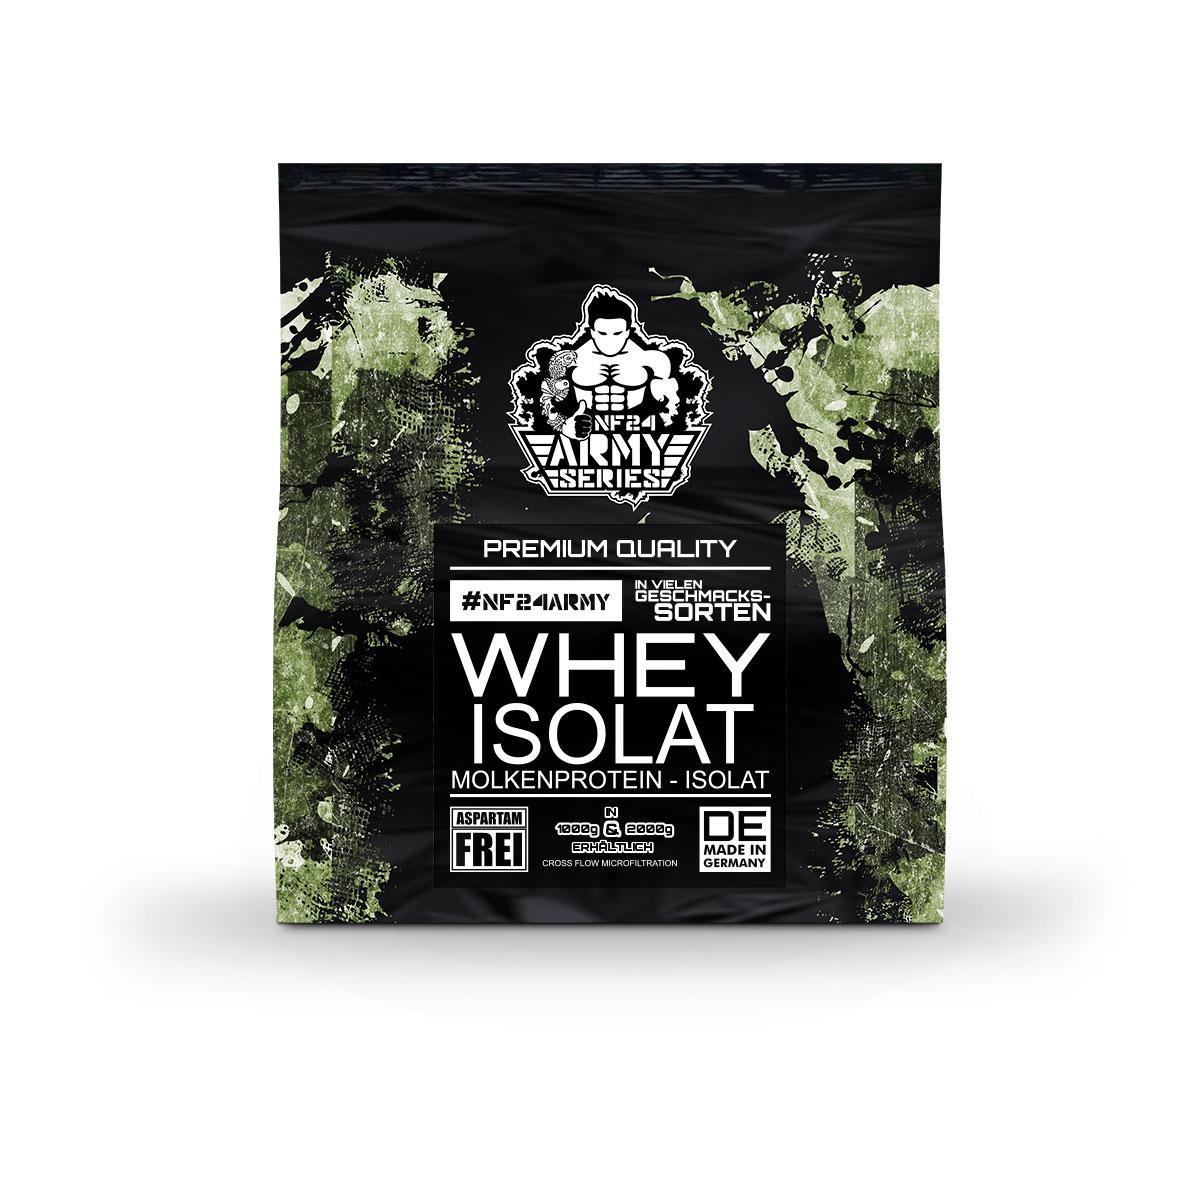 welches-ist-das-beste-whey-protein-auf-dem-markt